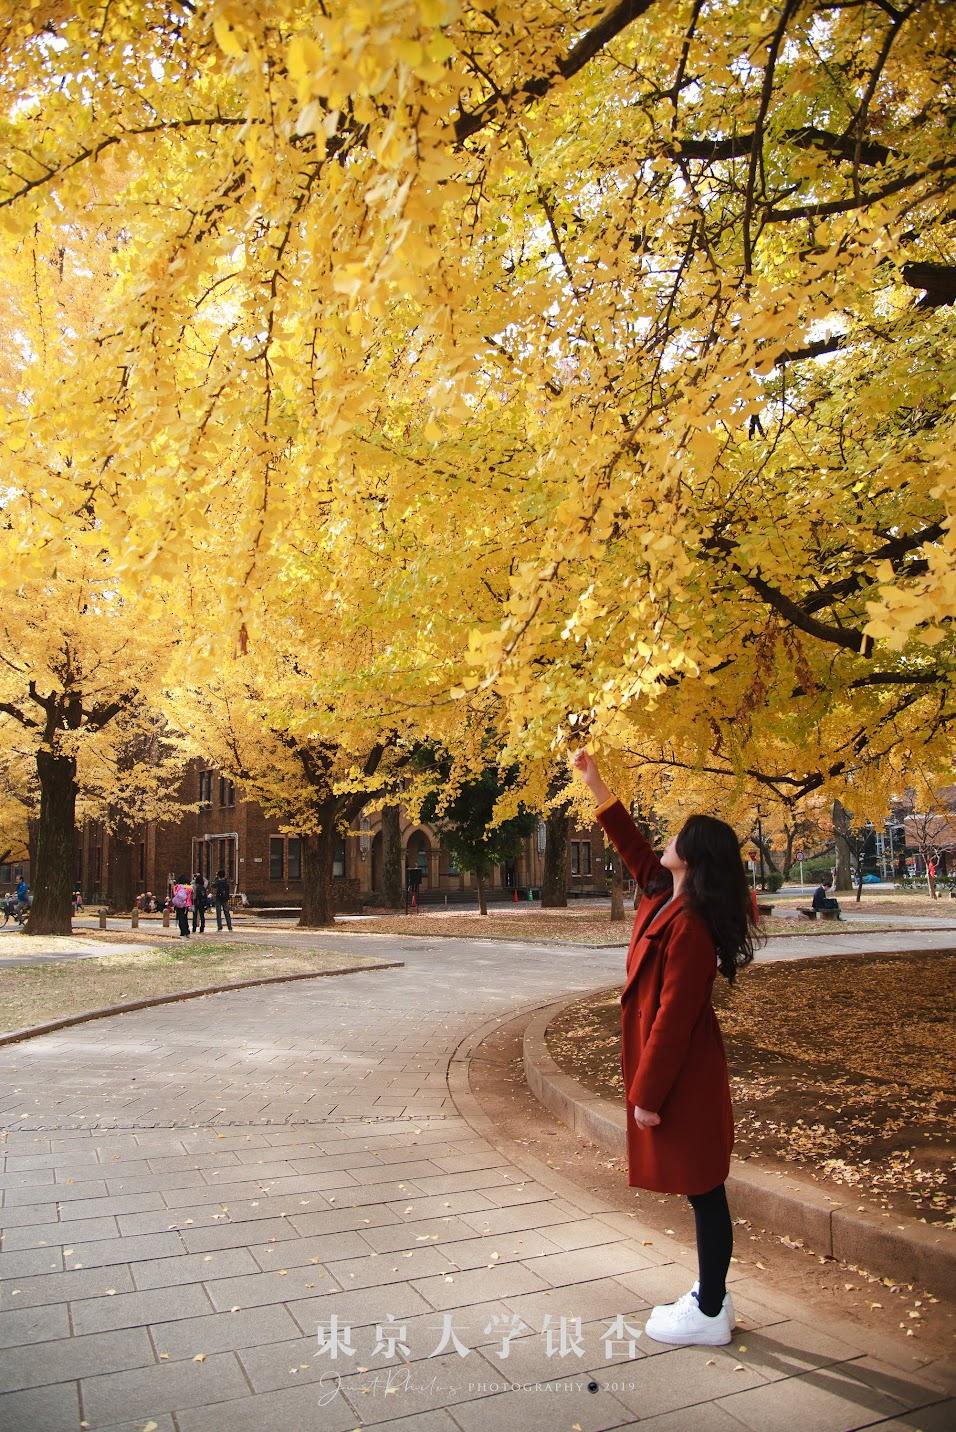 本鄉校區的大銀杏樹下也非常適合拍攝人像,前來的朋友千萬不要錯過。